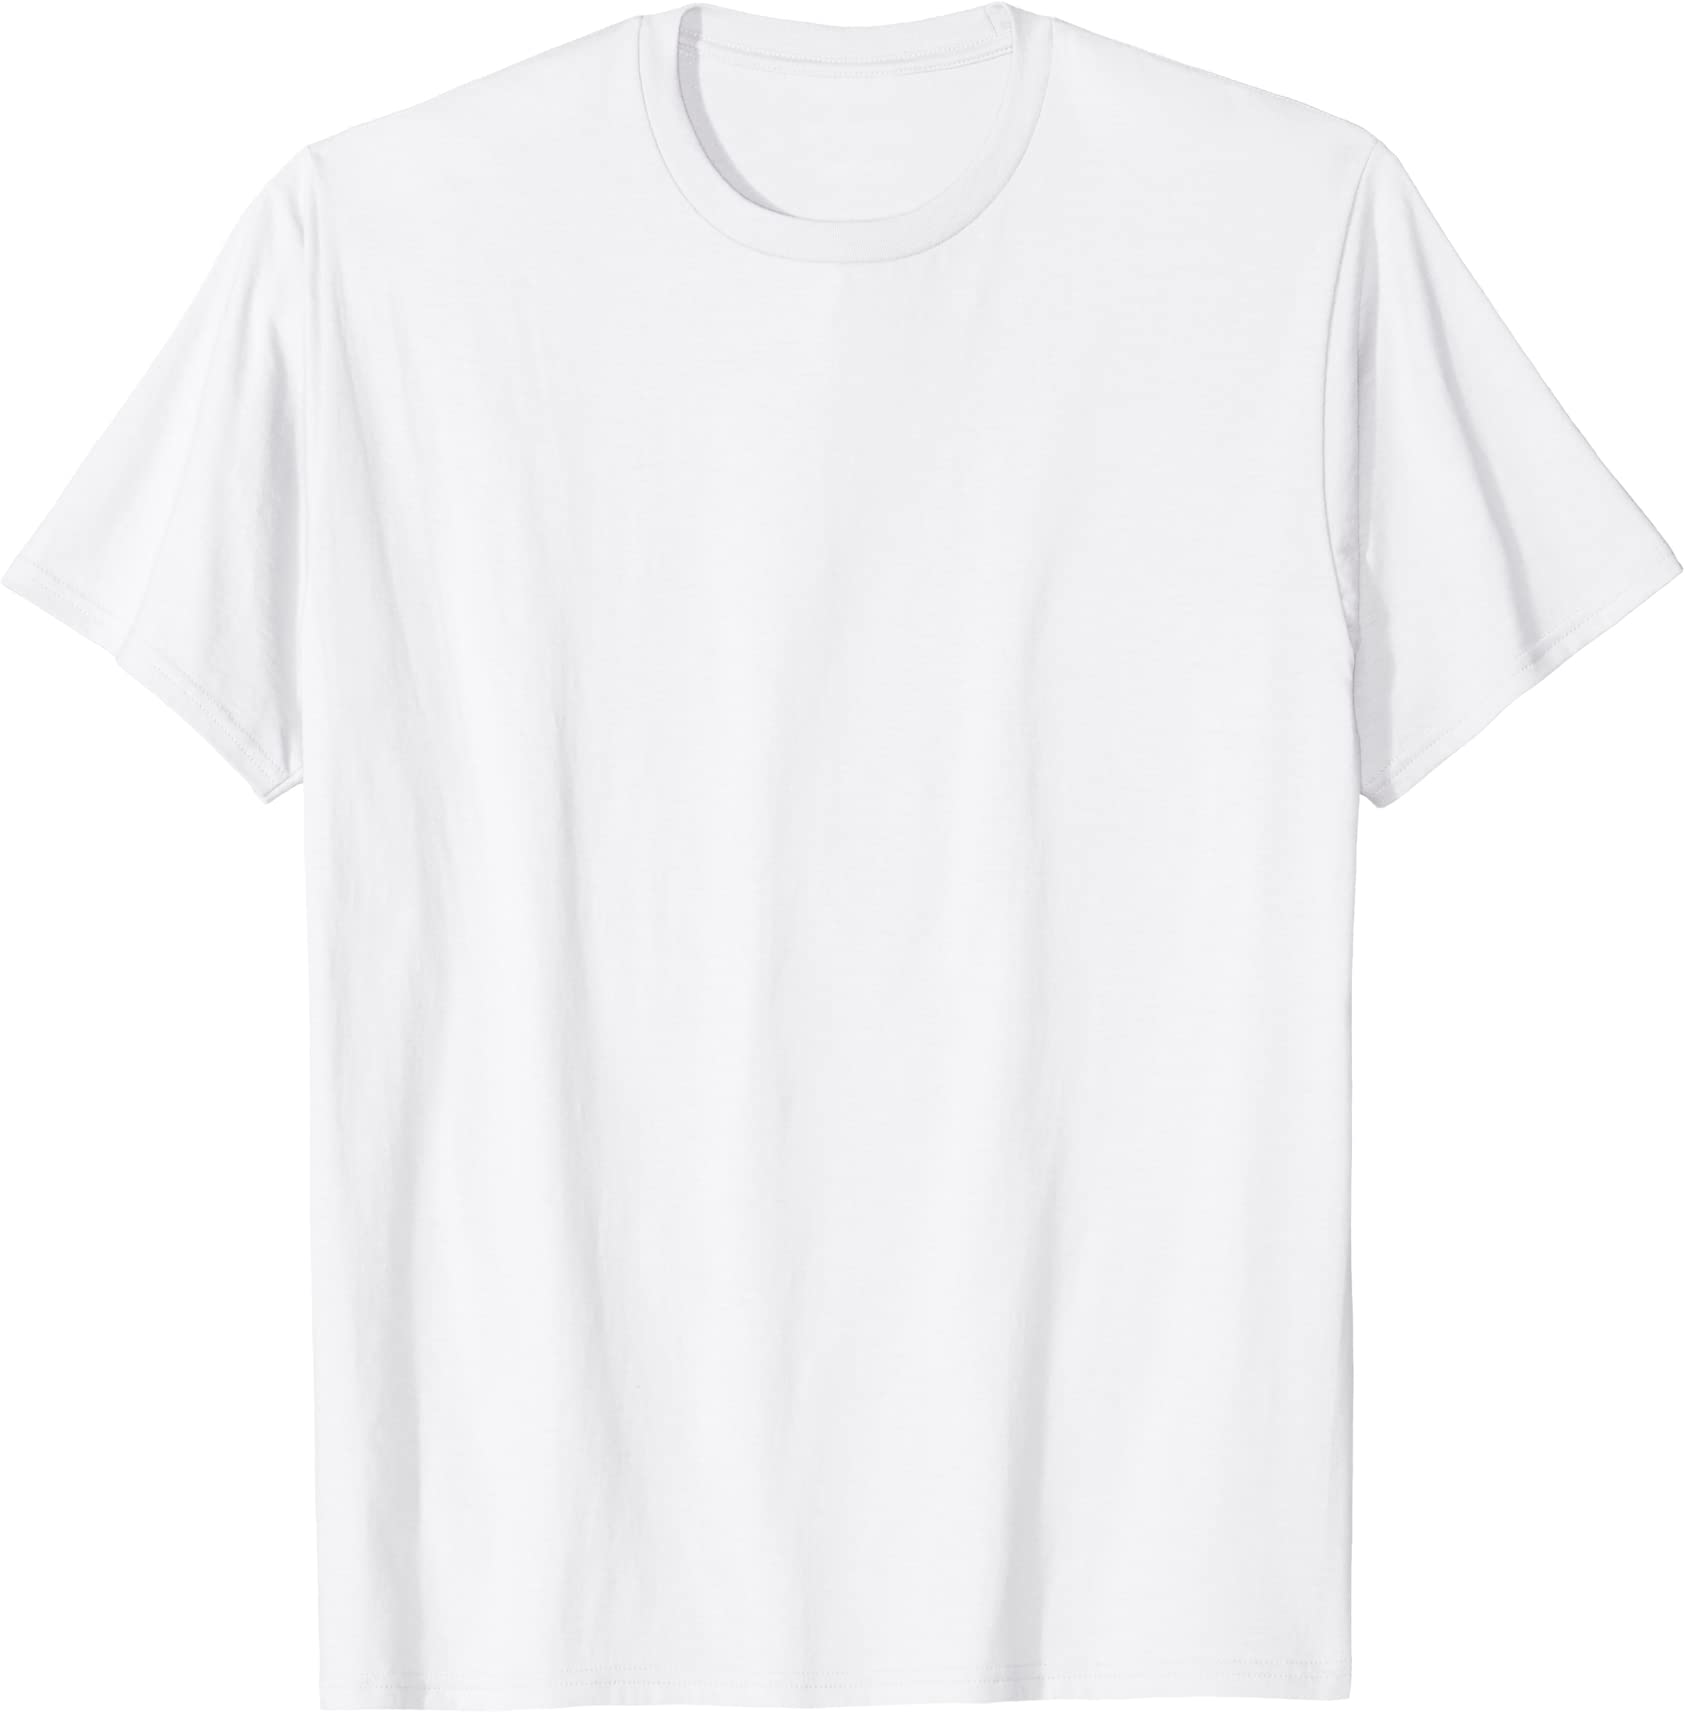 Letter F Letter F Black and White Geometric Monogram 3dRose Russ Billington Monograms T-Shirts Geometric